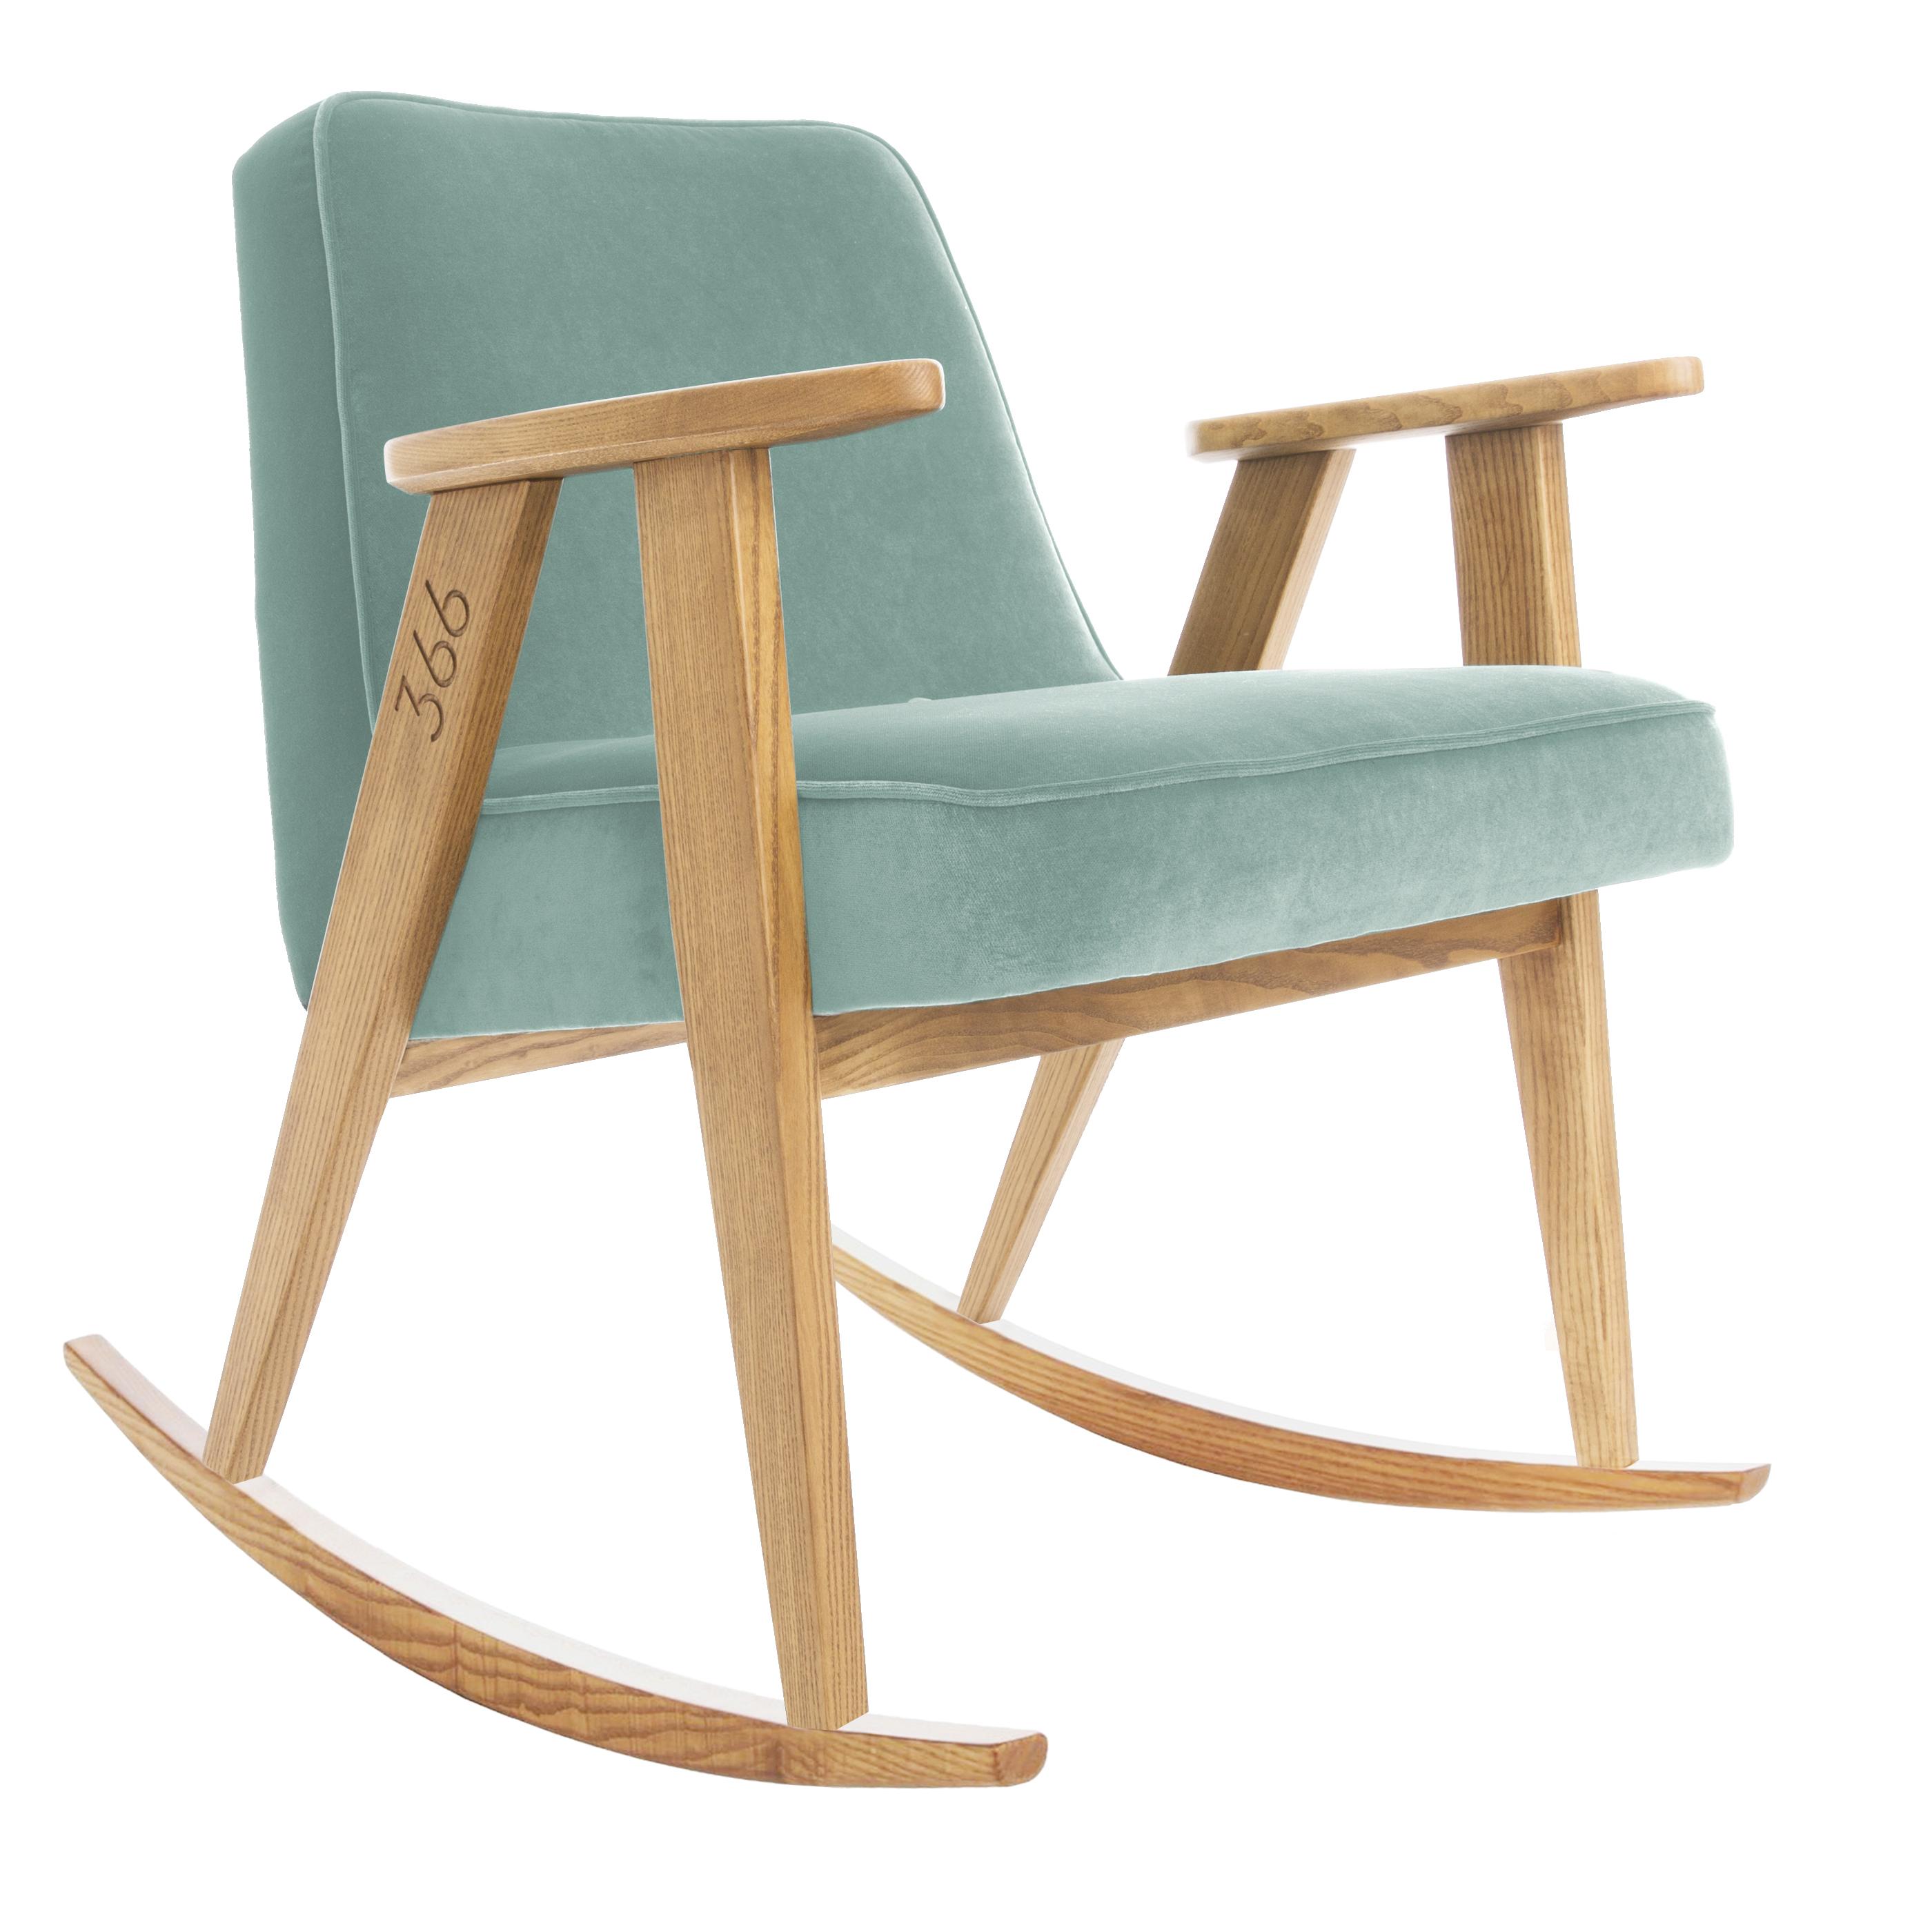 sessel, mobel, wohnen, SESSEL 366 PLUS VELVET - 366 Concept   366 rocking chair   Velvet 16 Mint   Oak